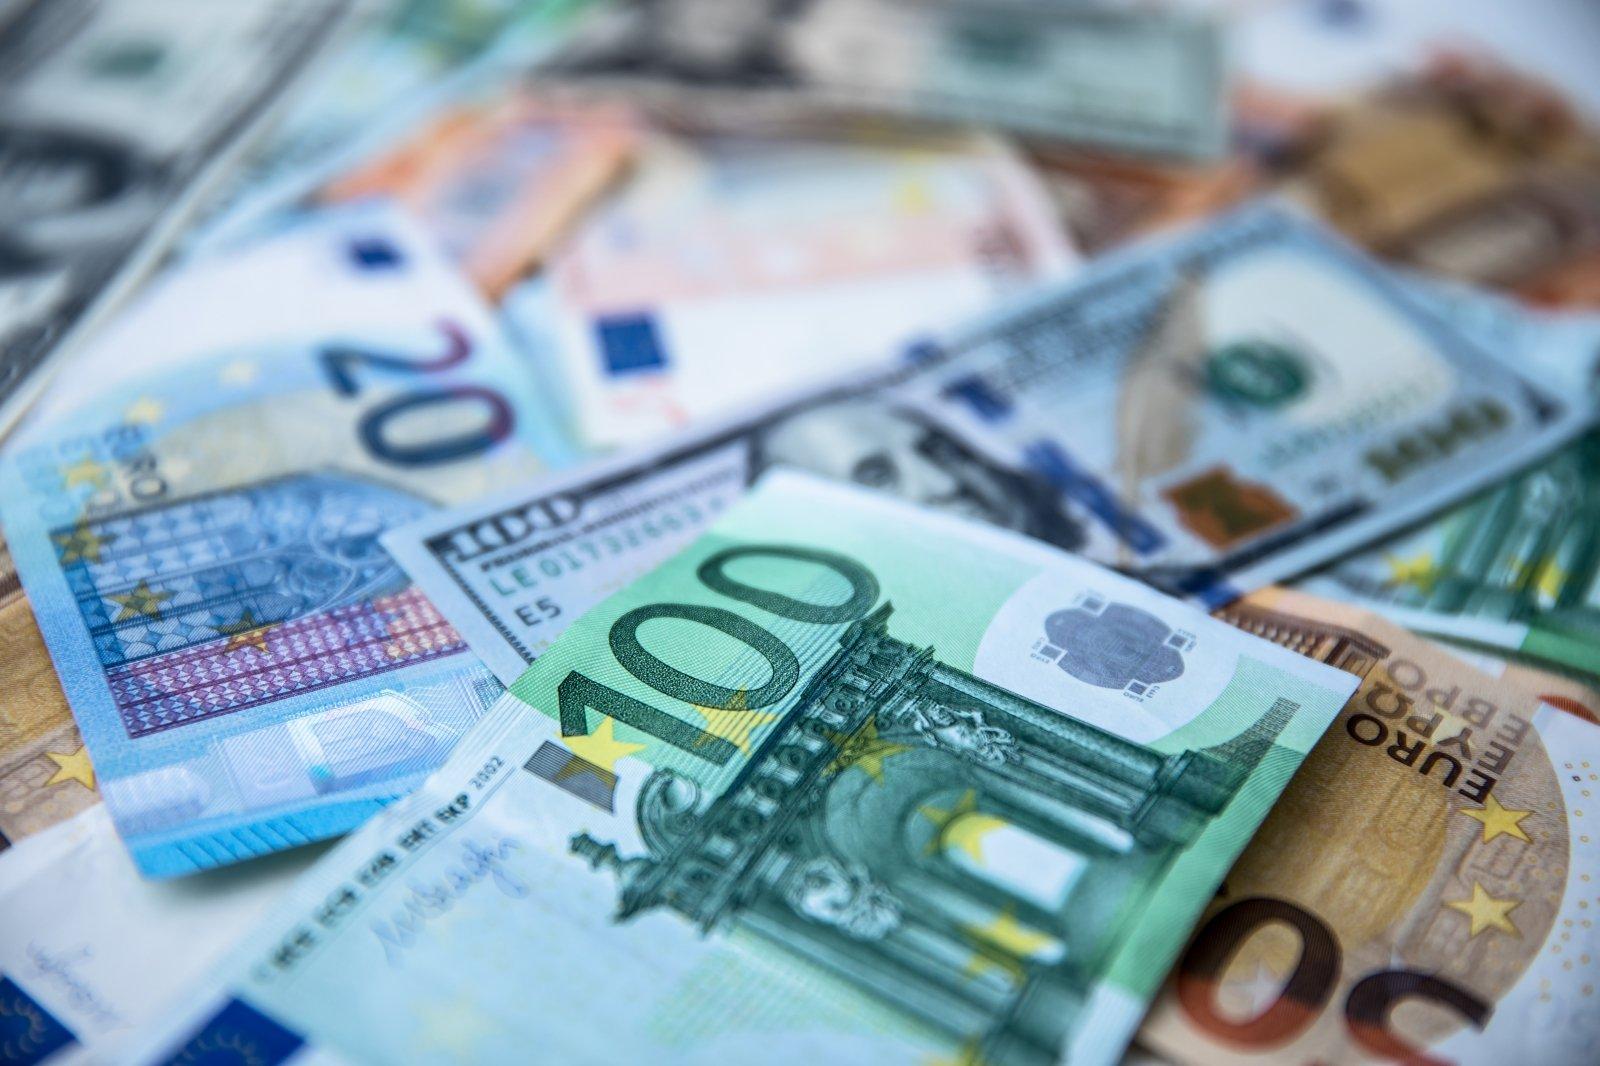 pirkti opcioną eurais dvejetainių opcijų terminalas